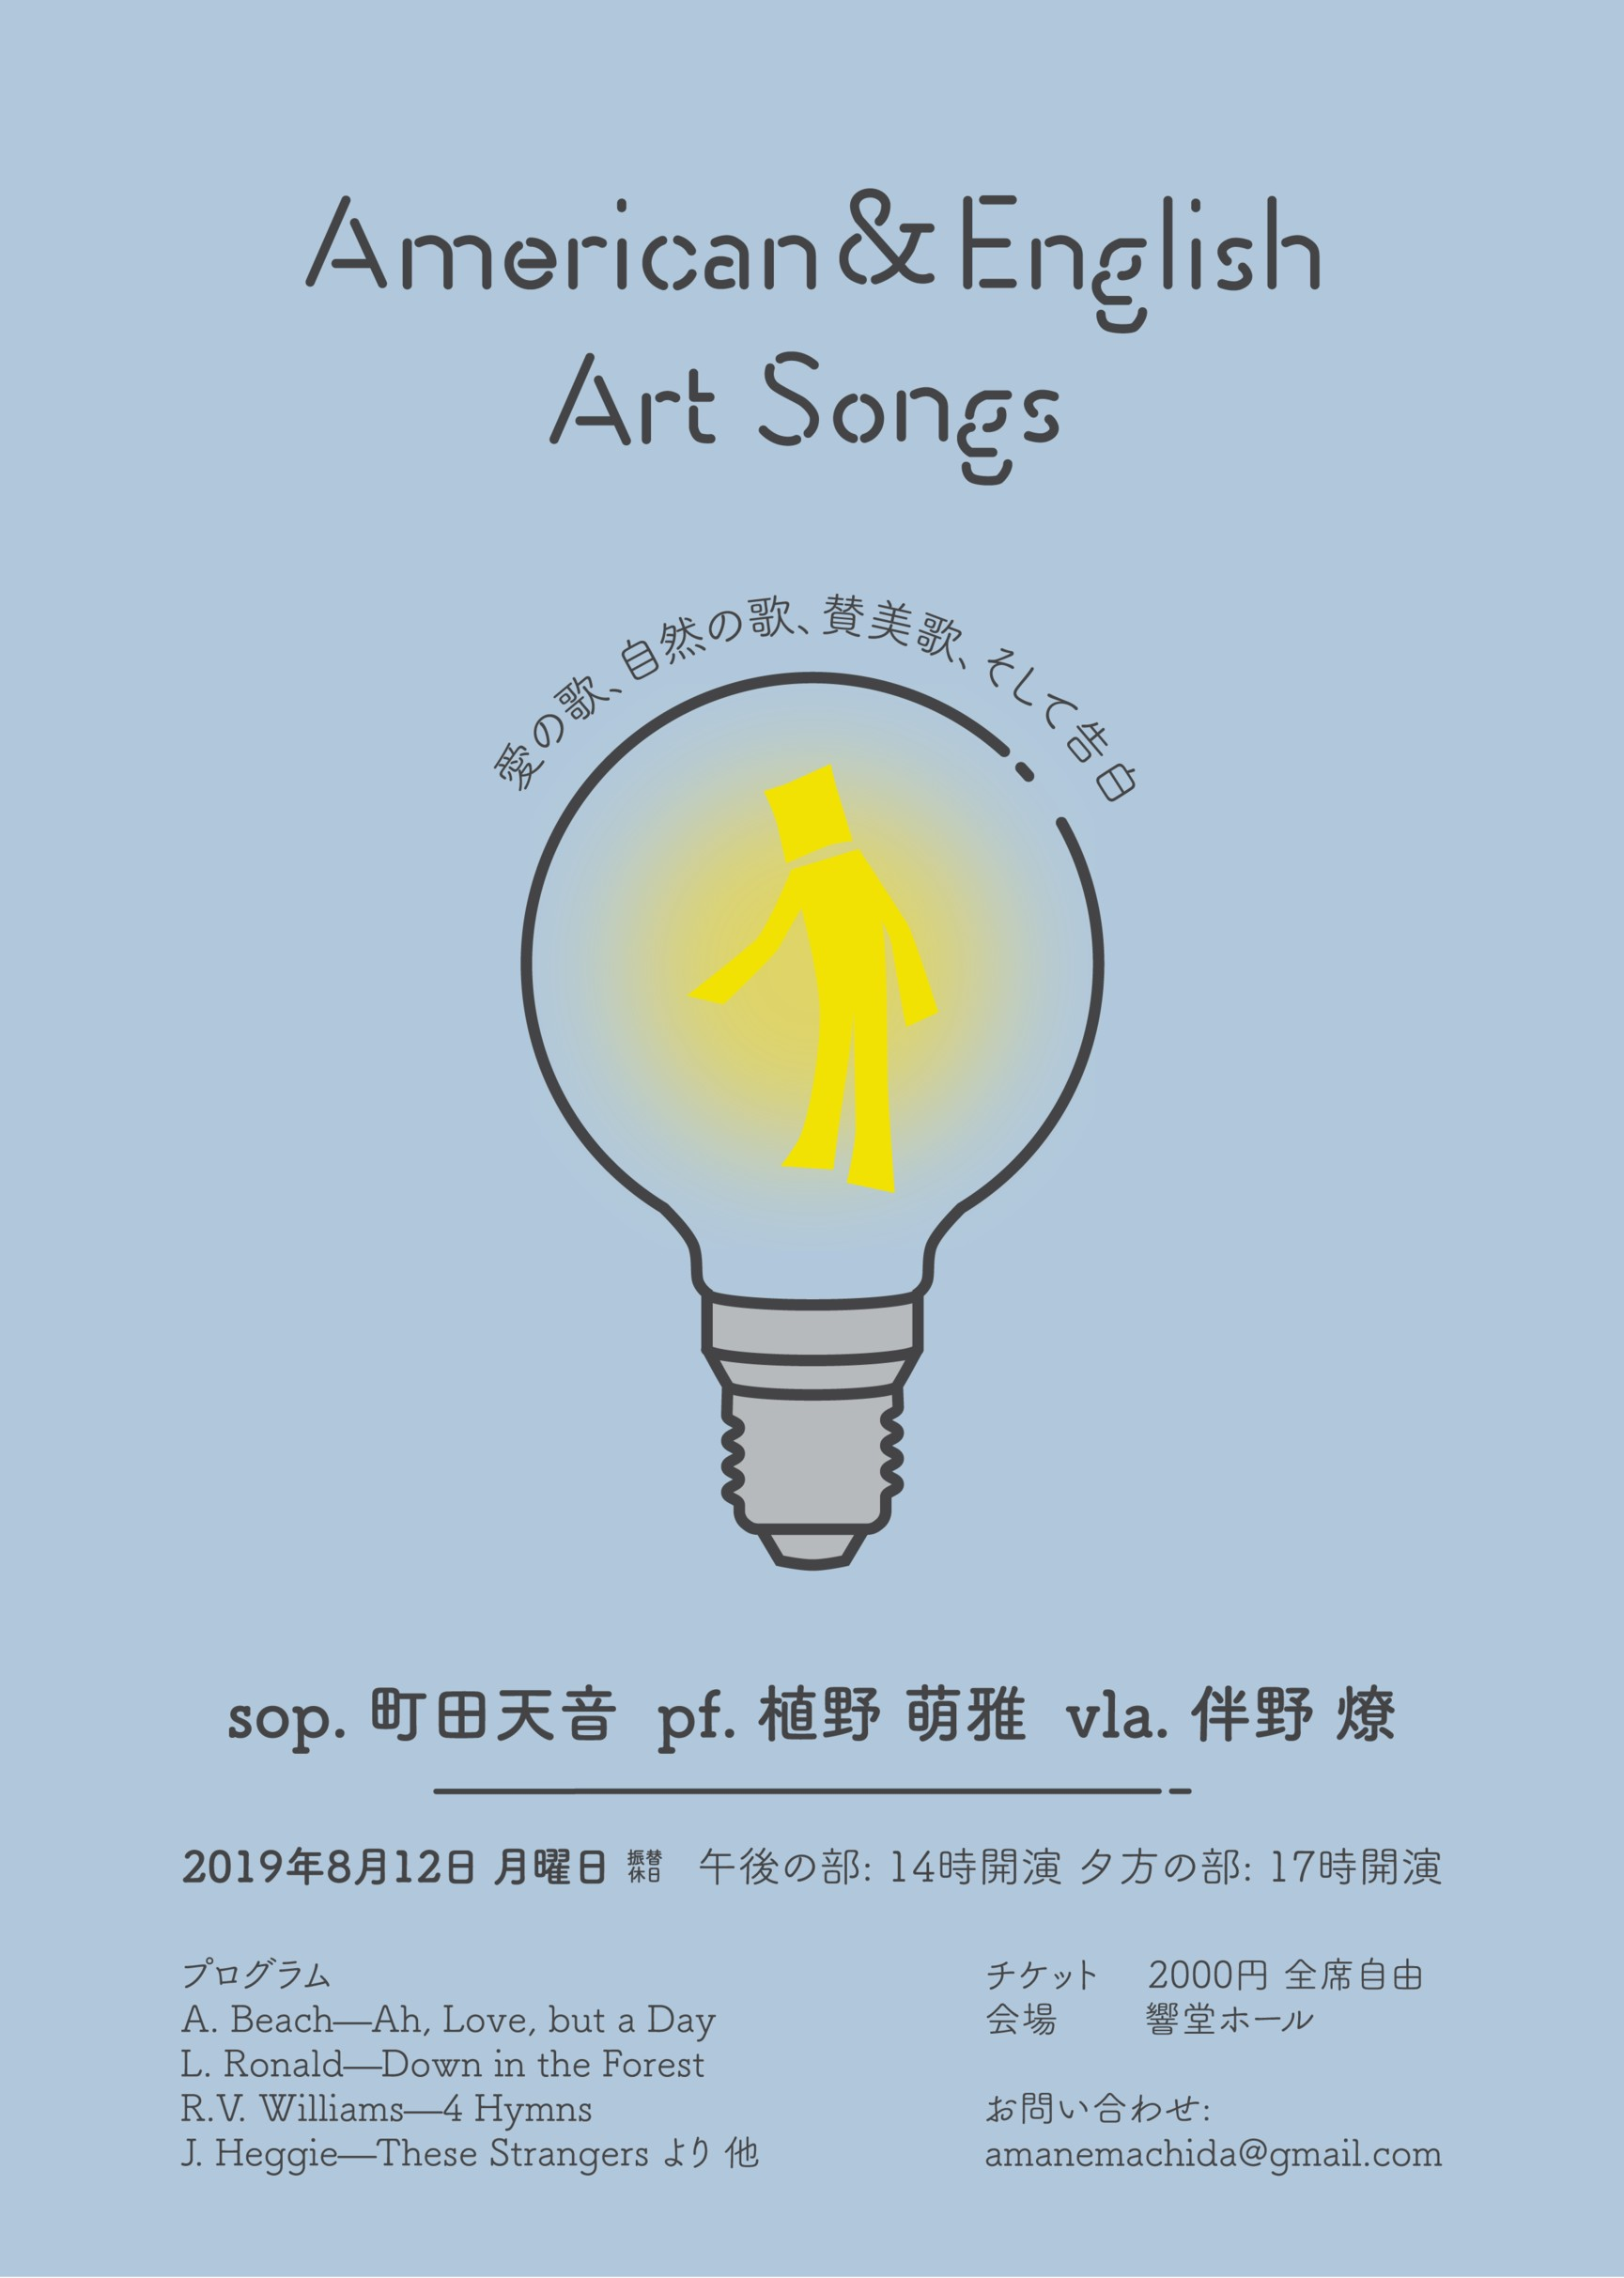 【夕方の部】American&English Art Songs ~愛の歌, 自然の歌, 賛美歌, そして告白~